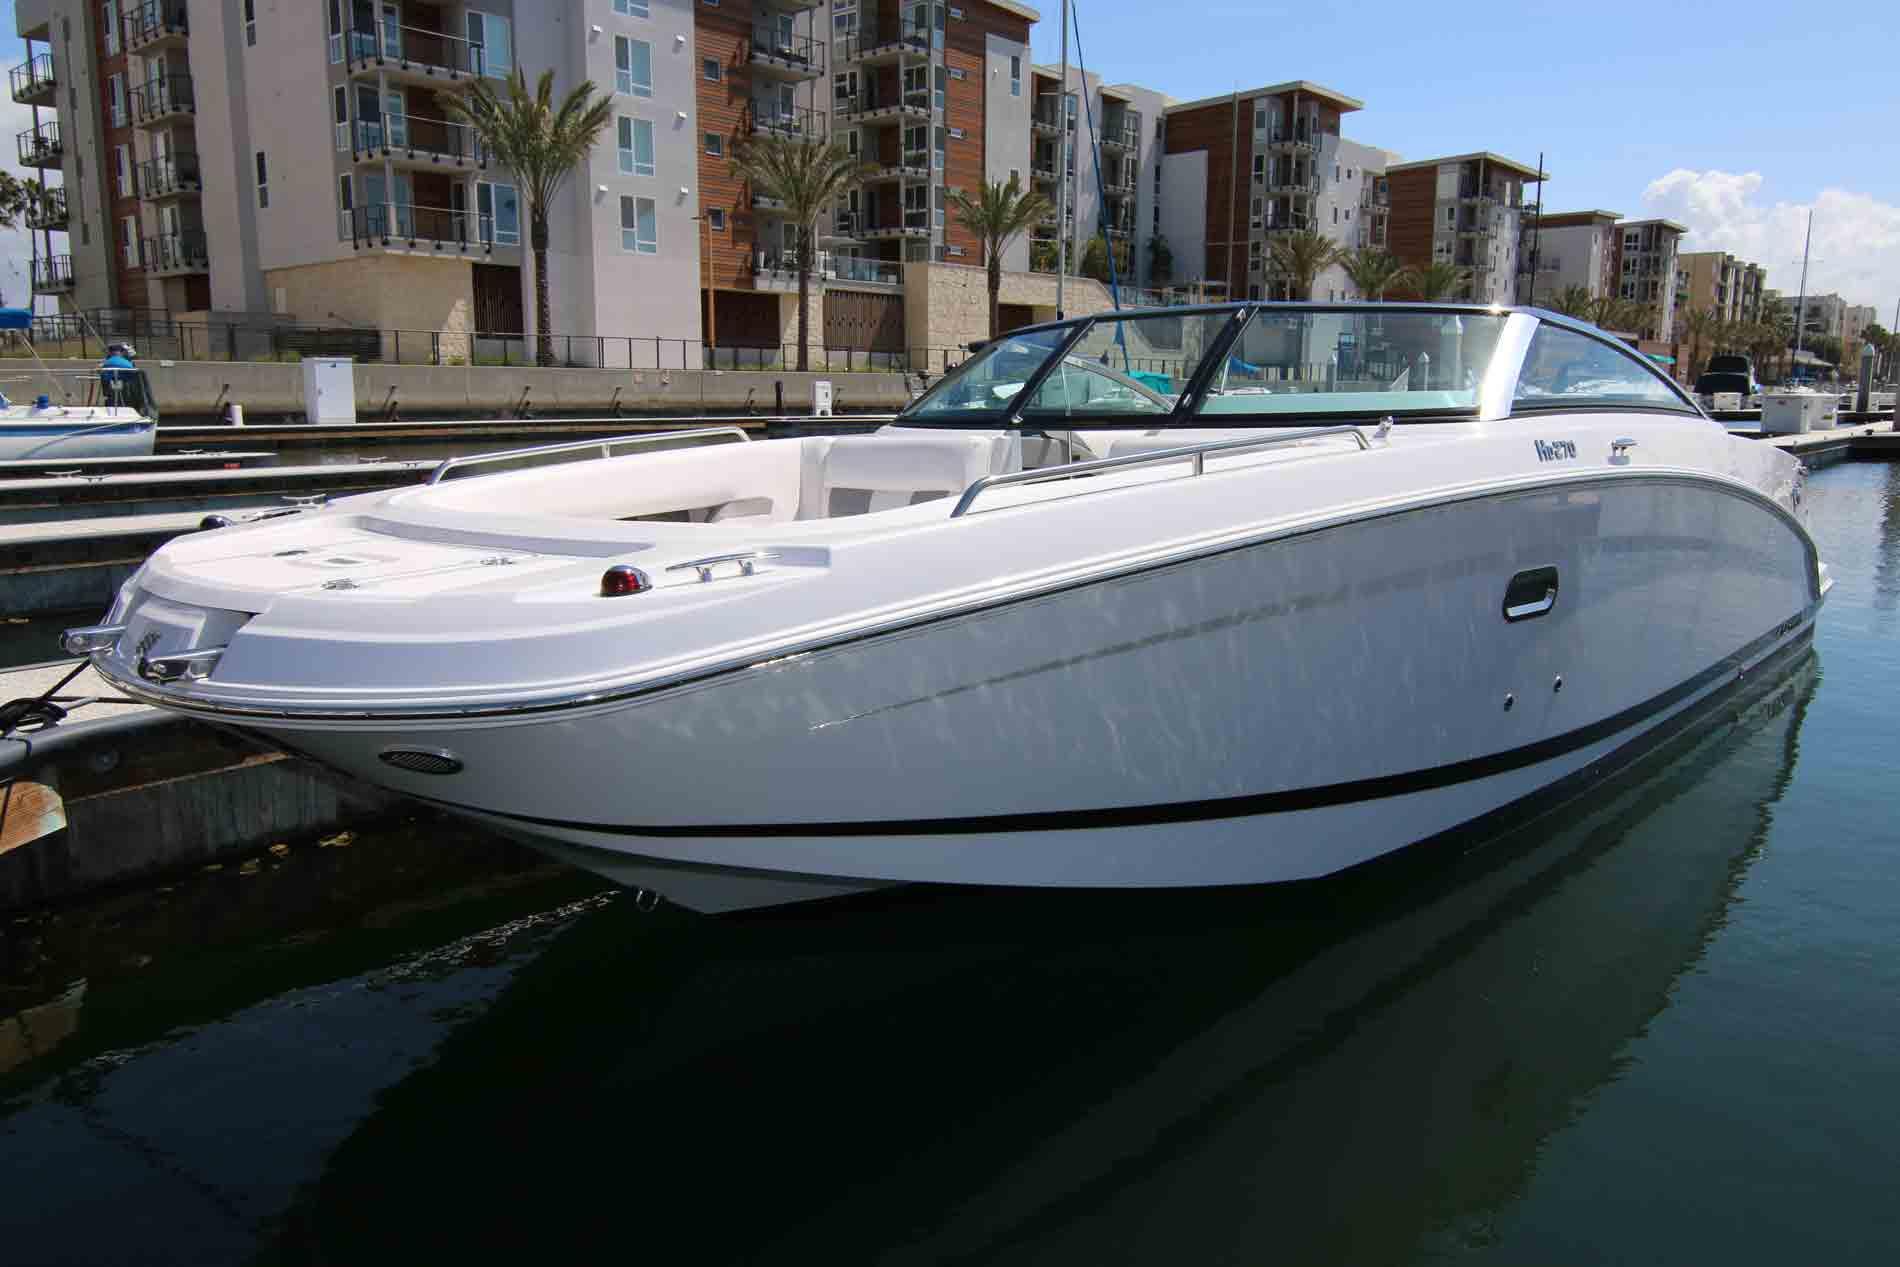 marina-del-rey-boat-rental